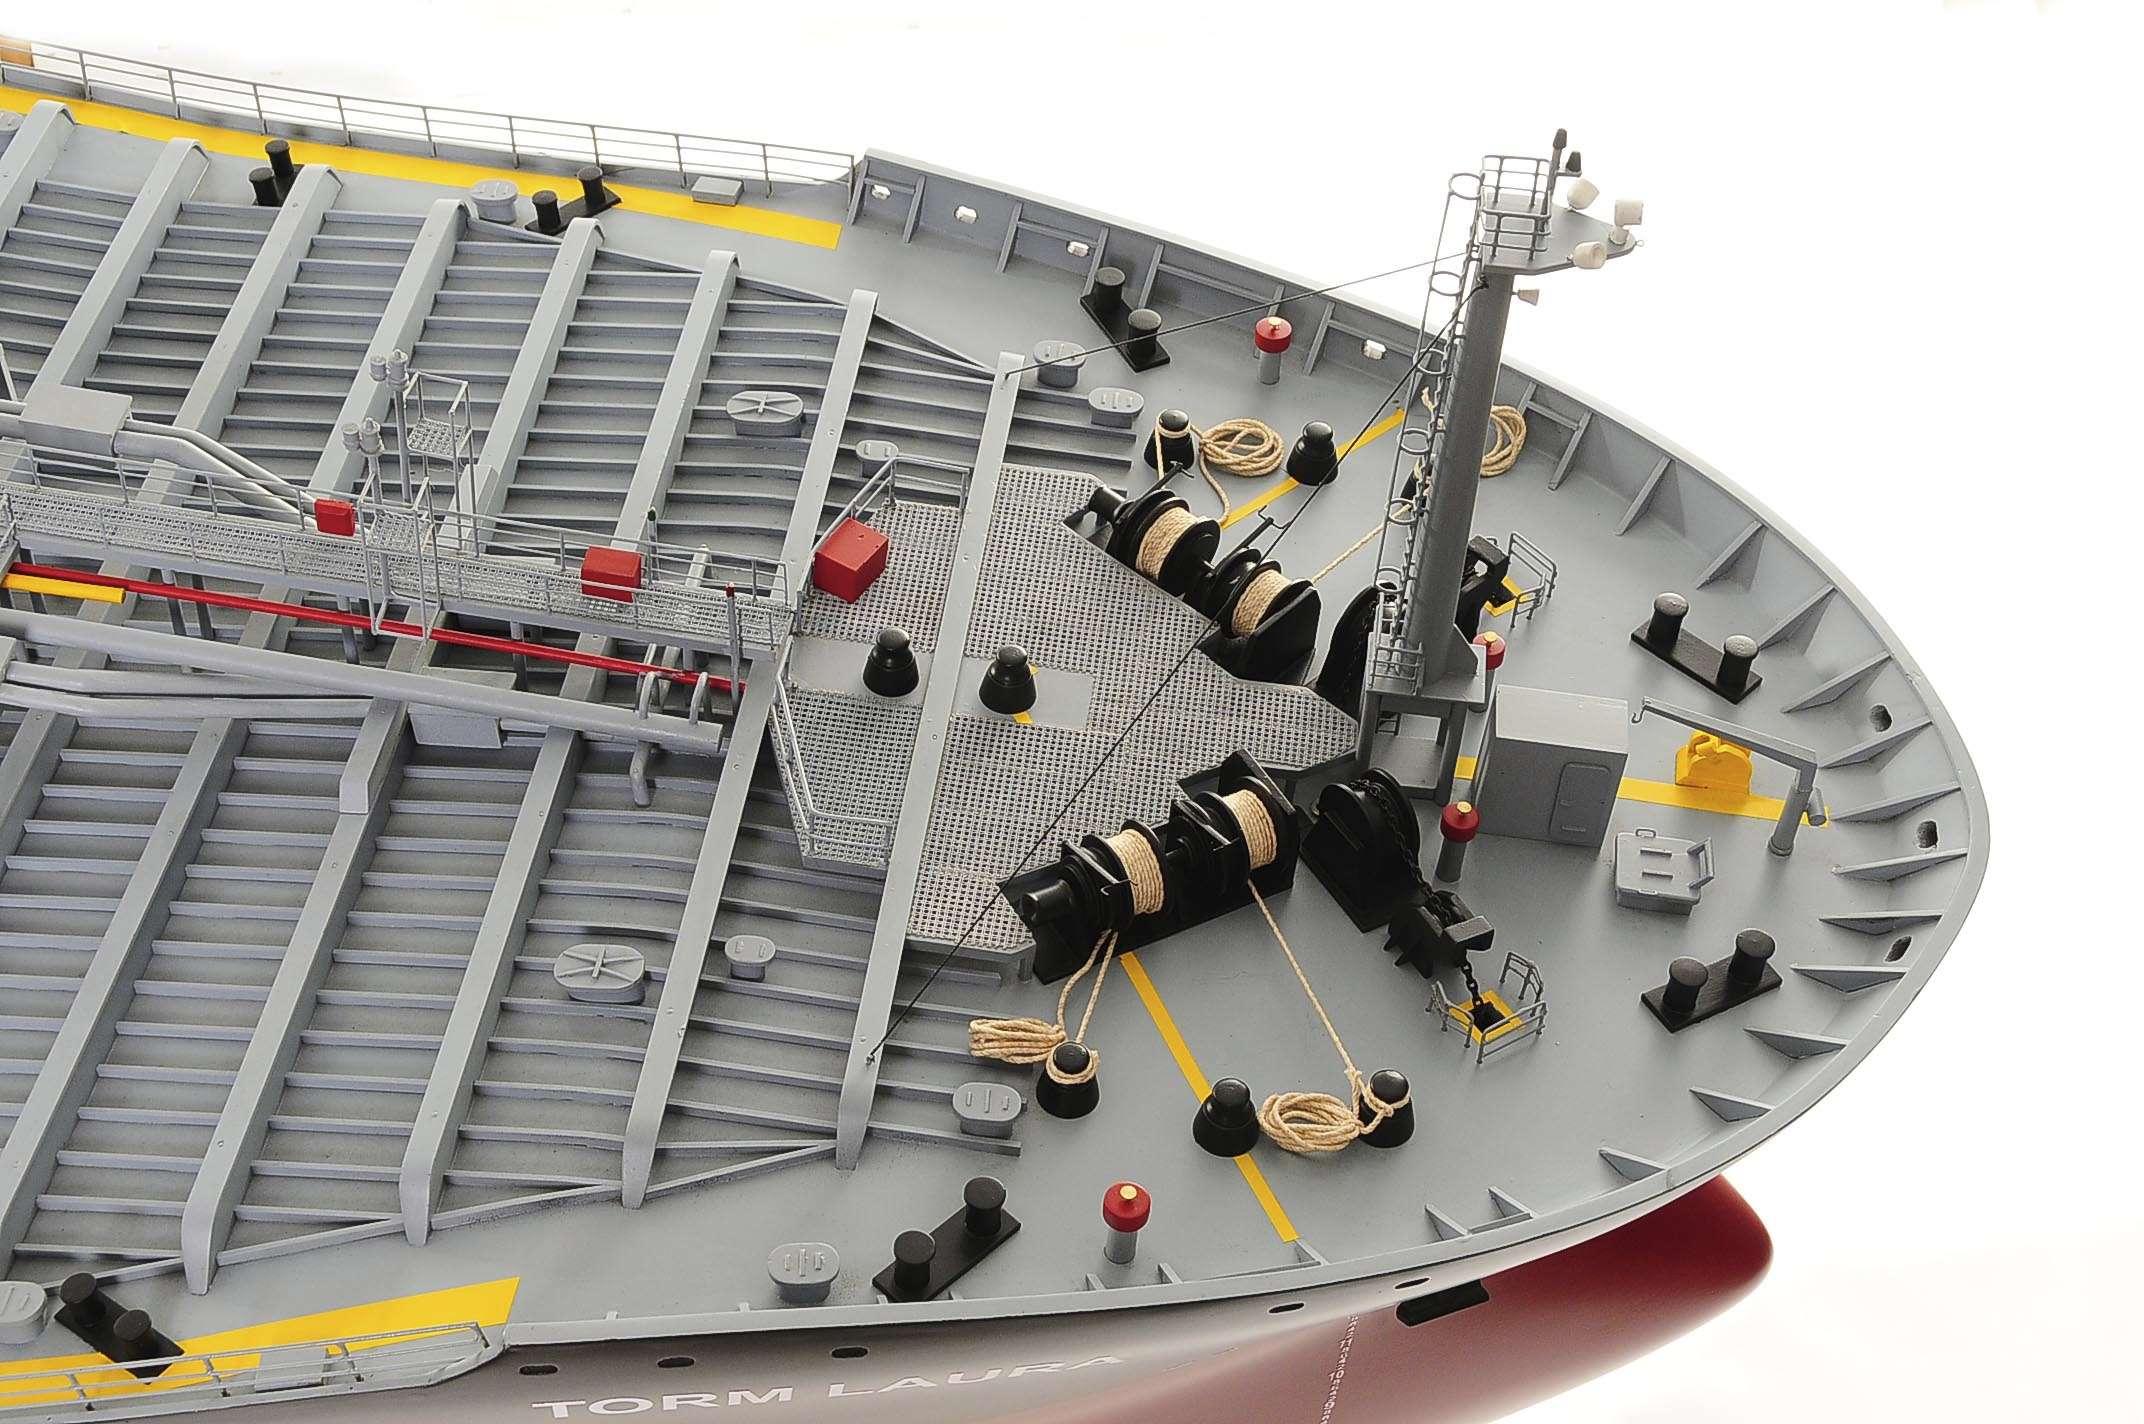 1426-4767-Oil-Tanker-Model-Ship